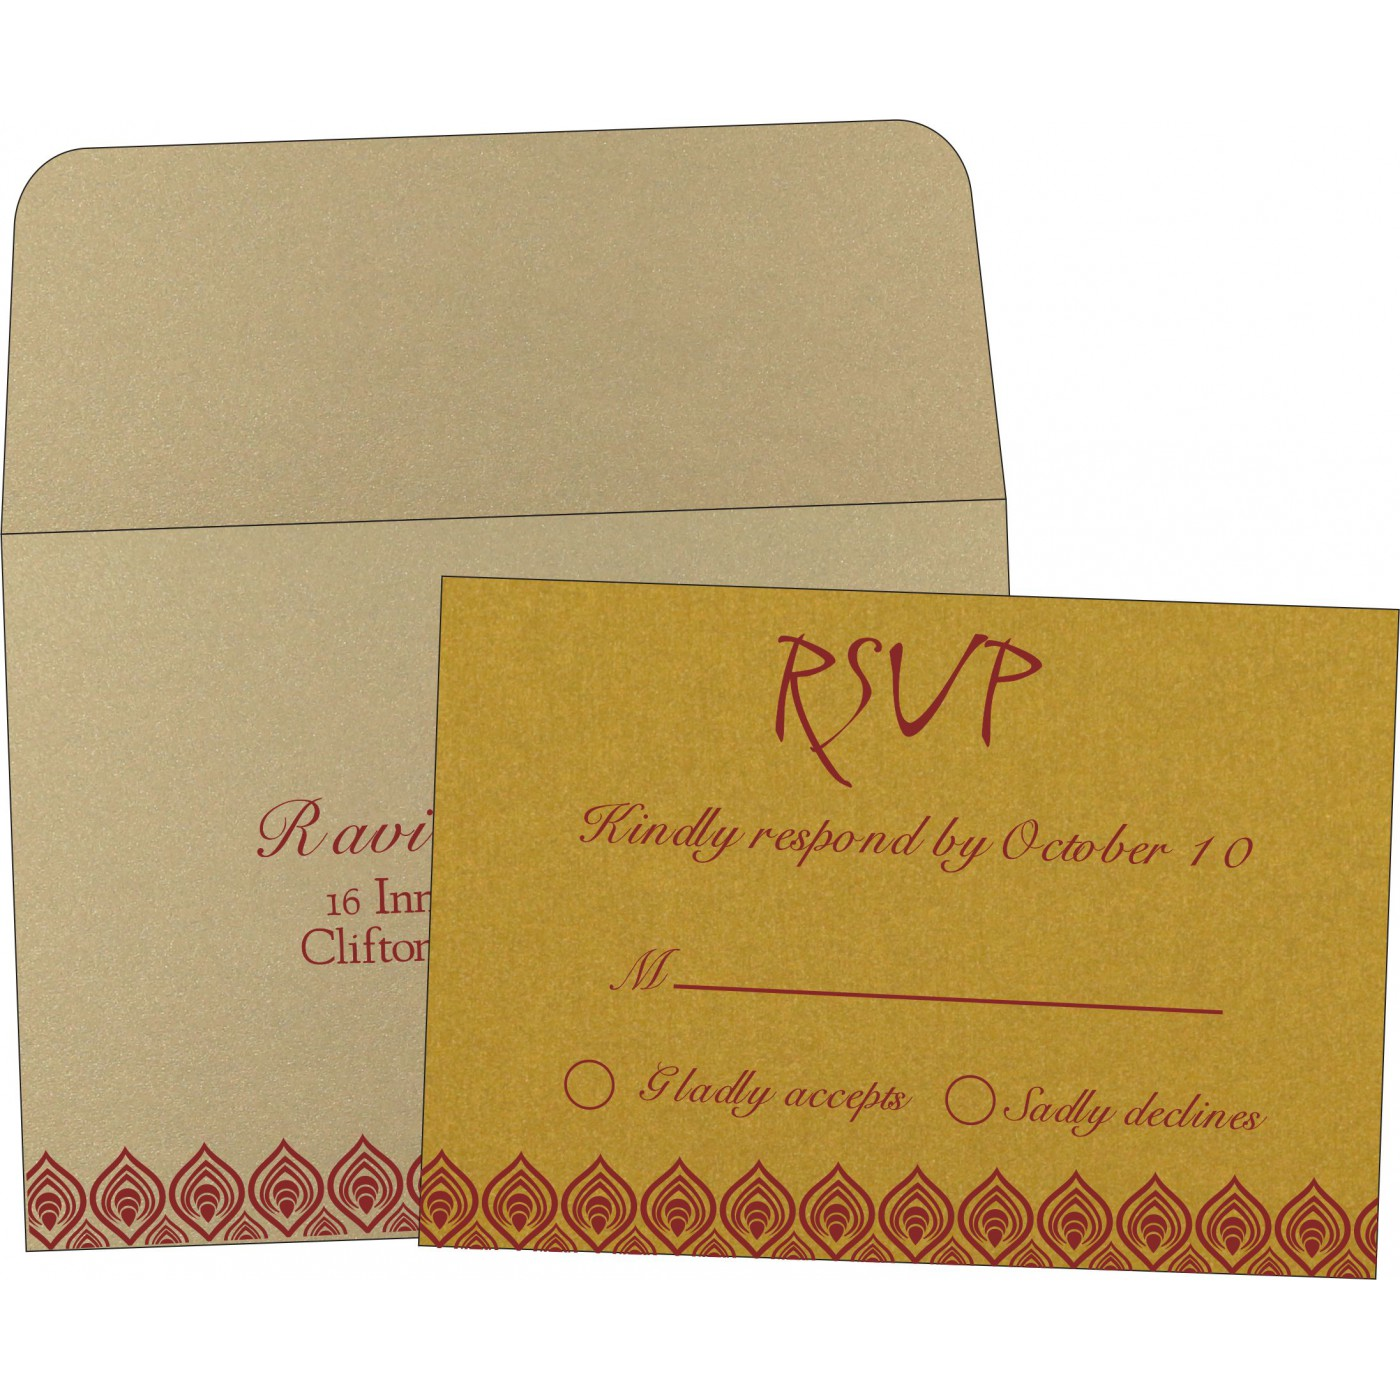 RSVP Cards : RSVP-1506 - 123WeddingCards